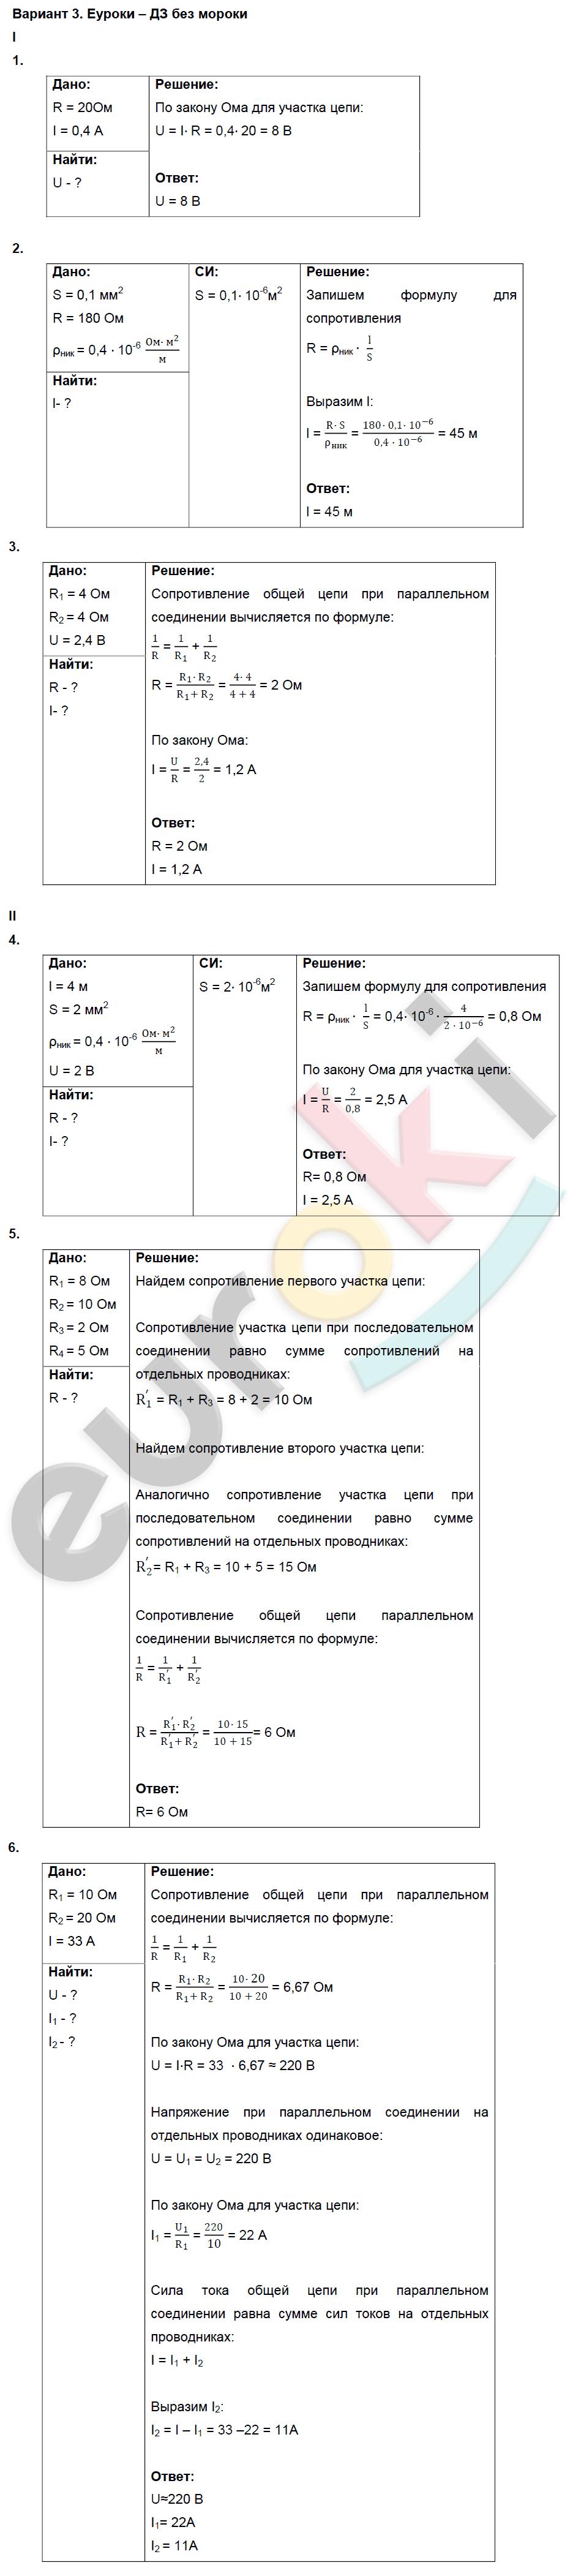 ГДЗ по физике 8 класс дидактические материалы Марон, Перышкин Контрольные работы, КР-3. Электрический ток. Задание: Вариант 3